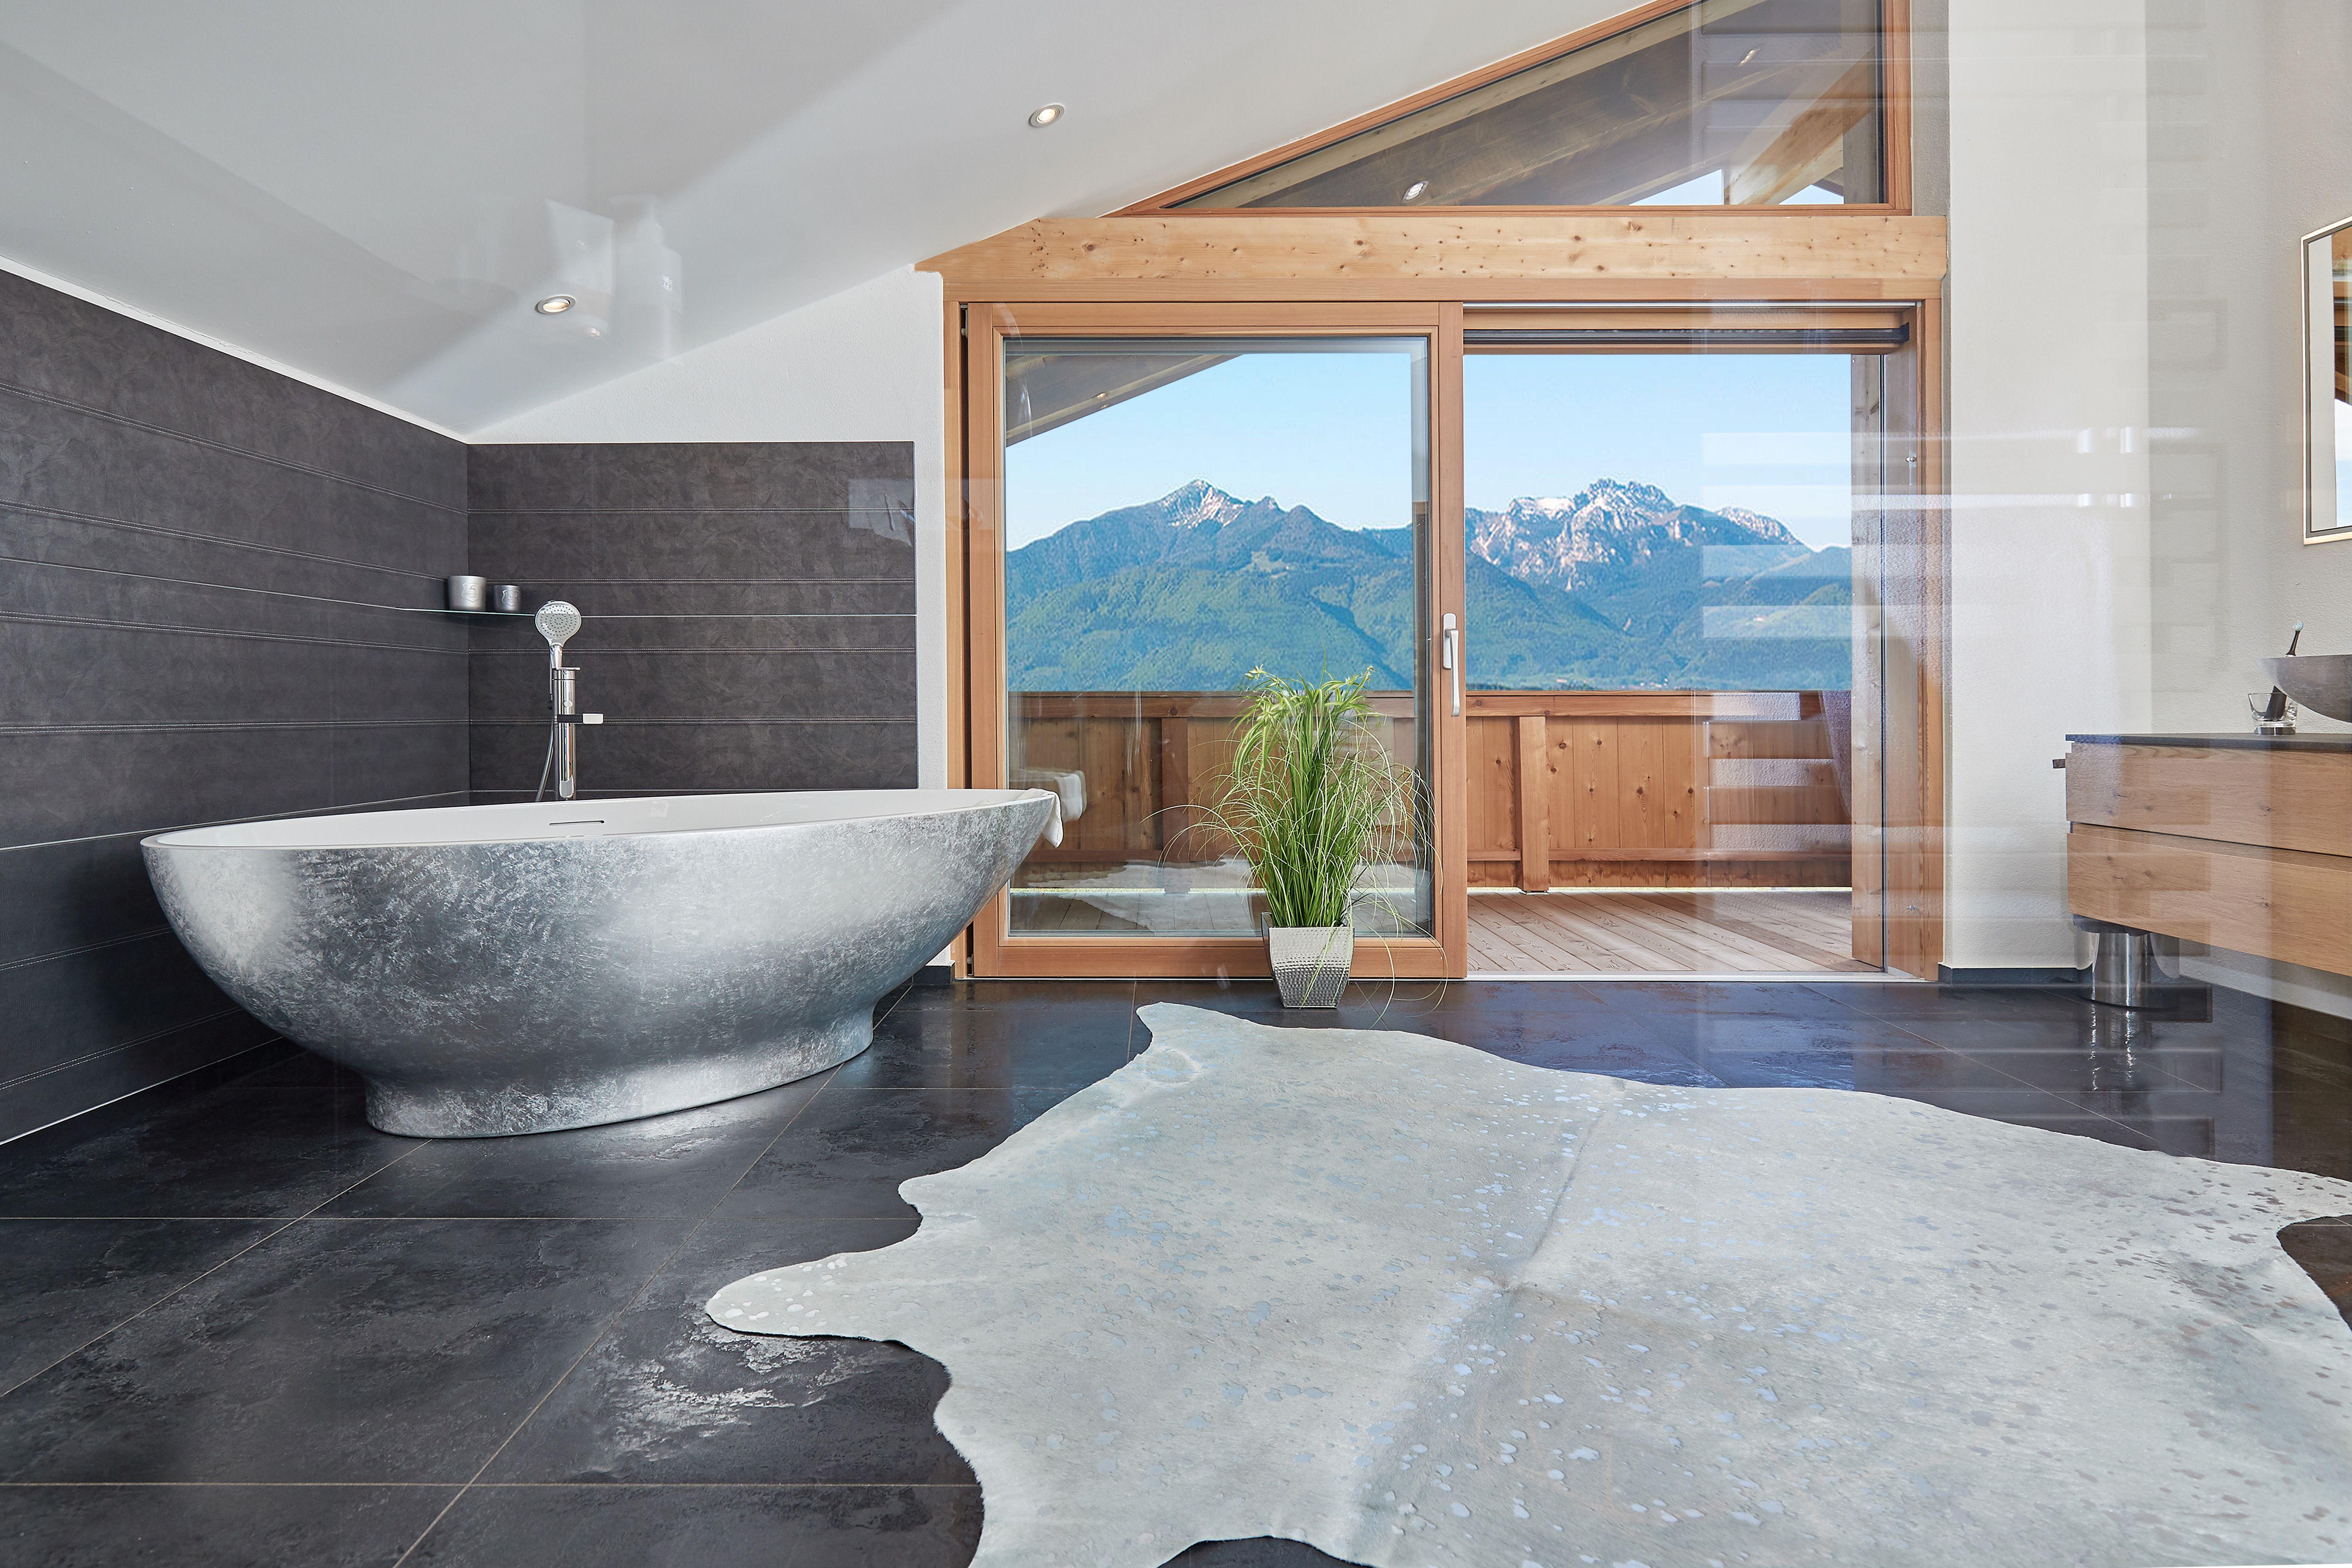 Verschaffen Sie Ihren Badezimmer Ein Luxurioses Aussehen Badezimmer Armatur Waschbecken Badezimmer Dekor Bad Einrichten Badezimmer